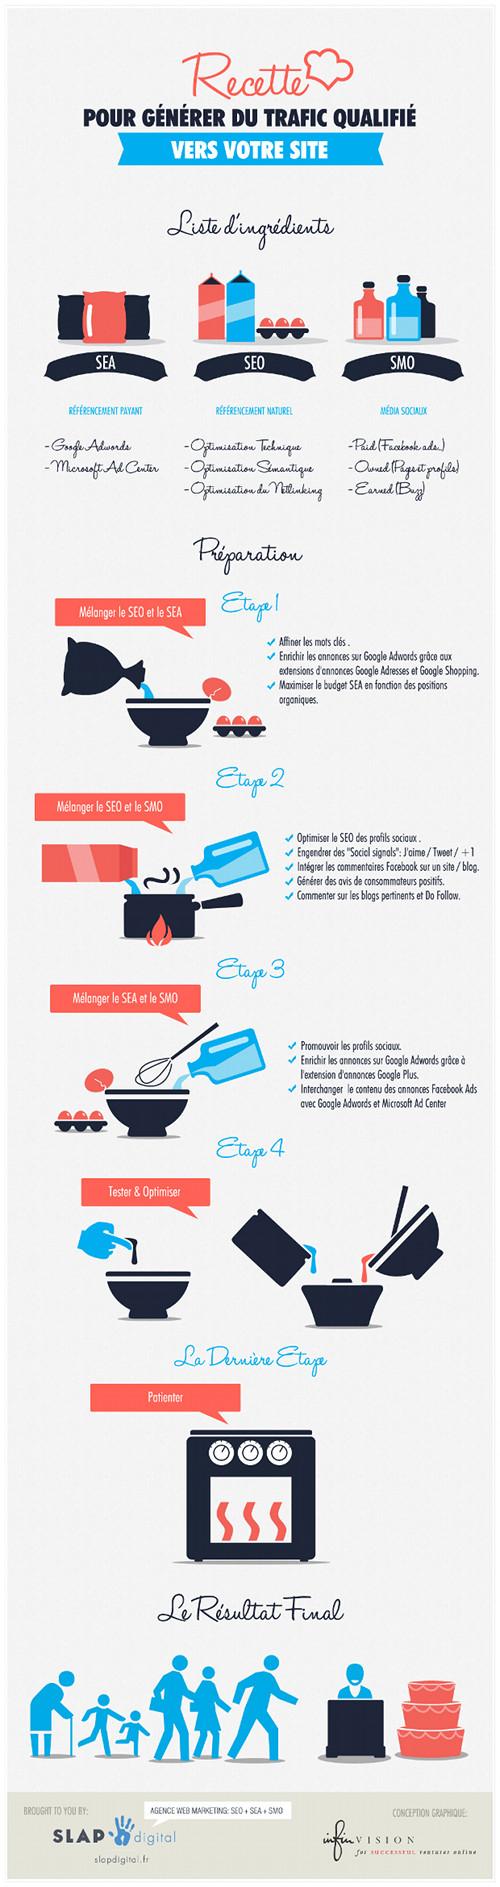 La recette pour rentabiliser un site Web